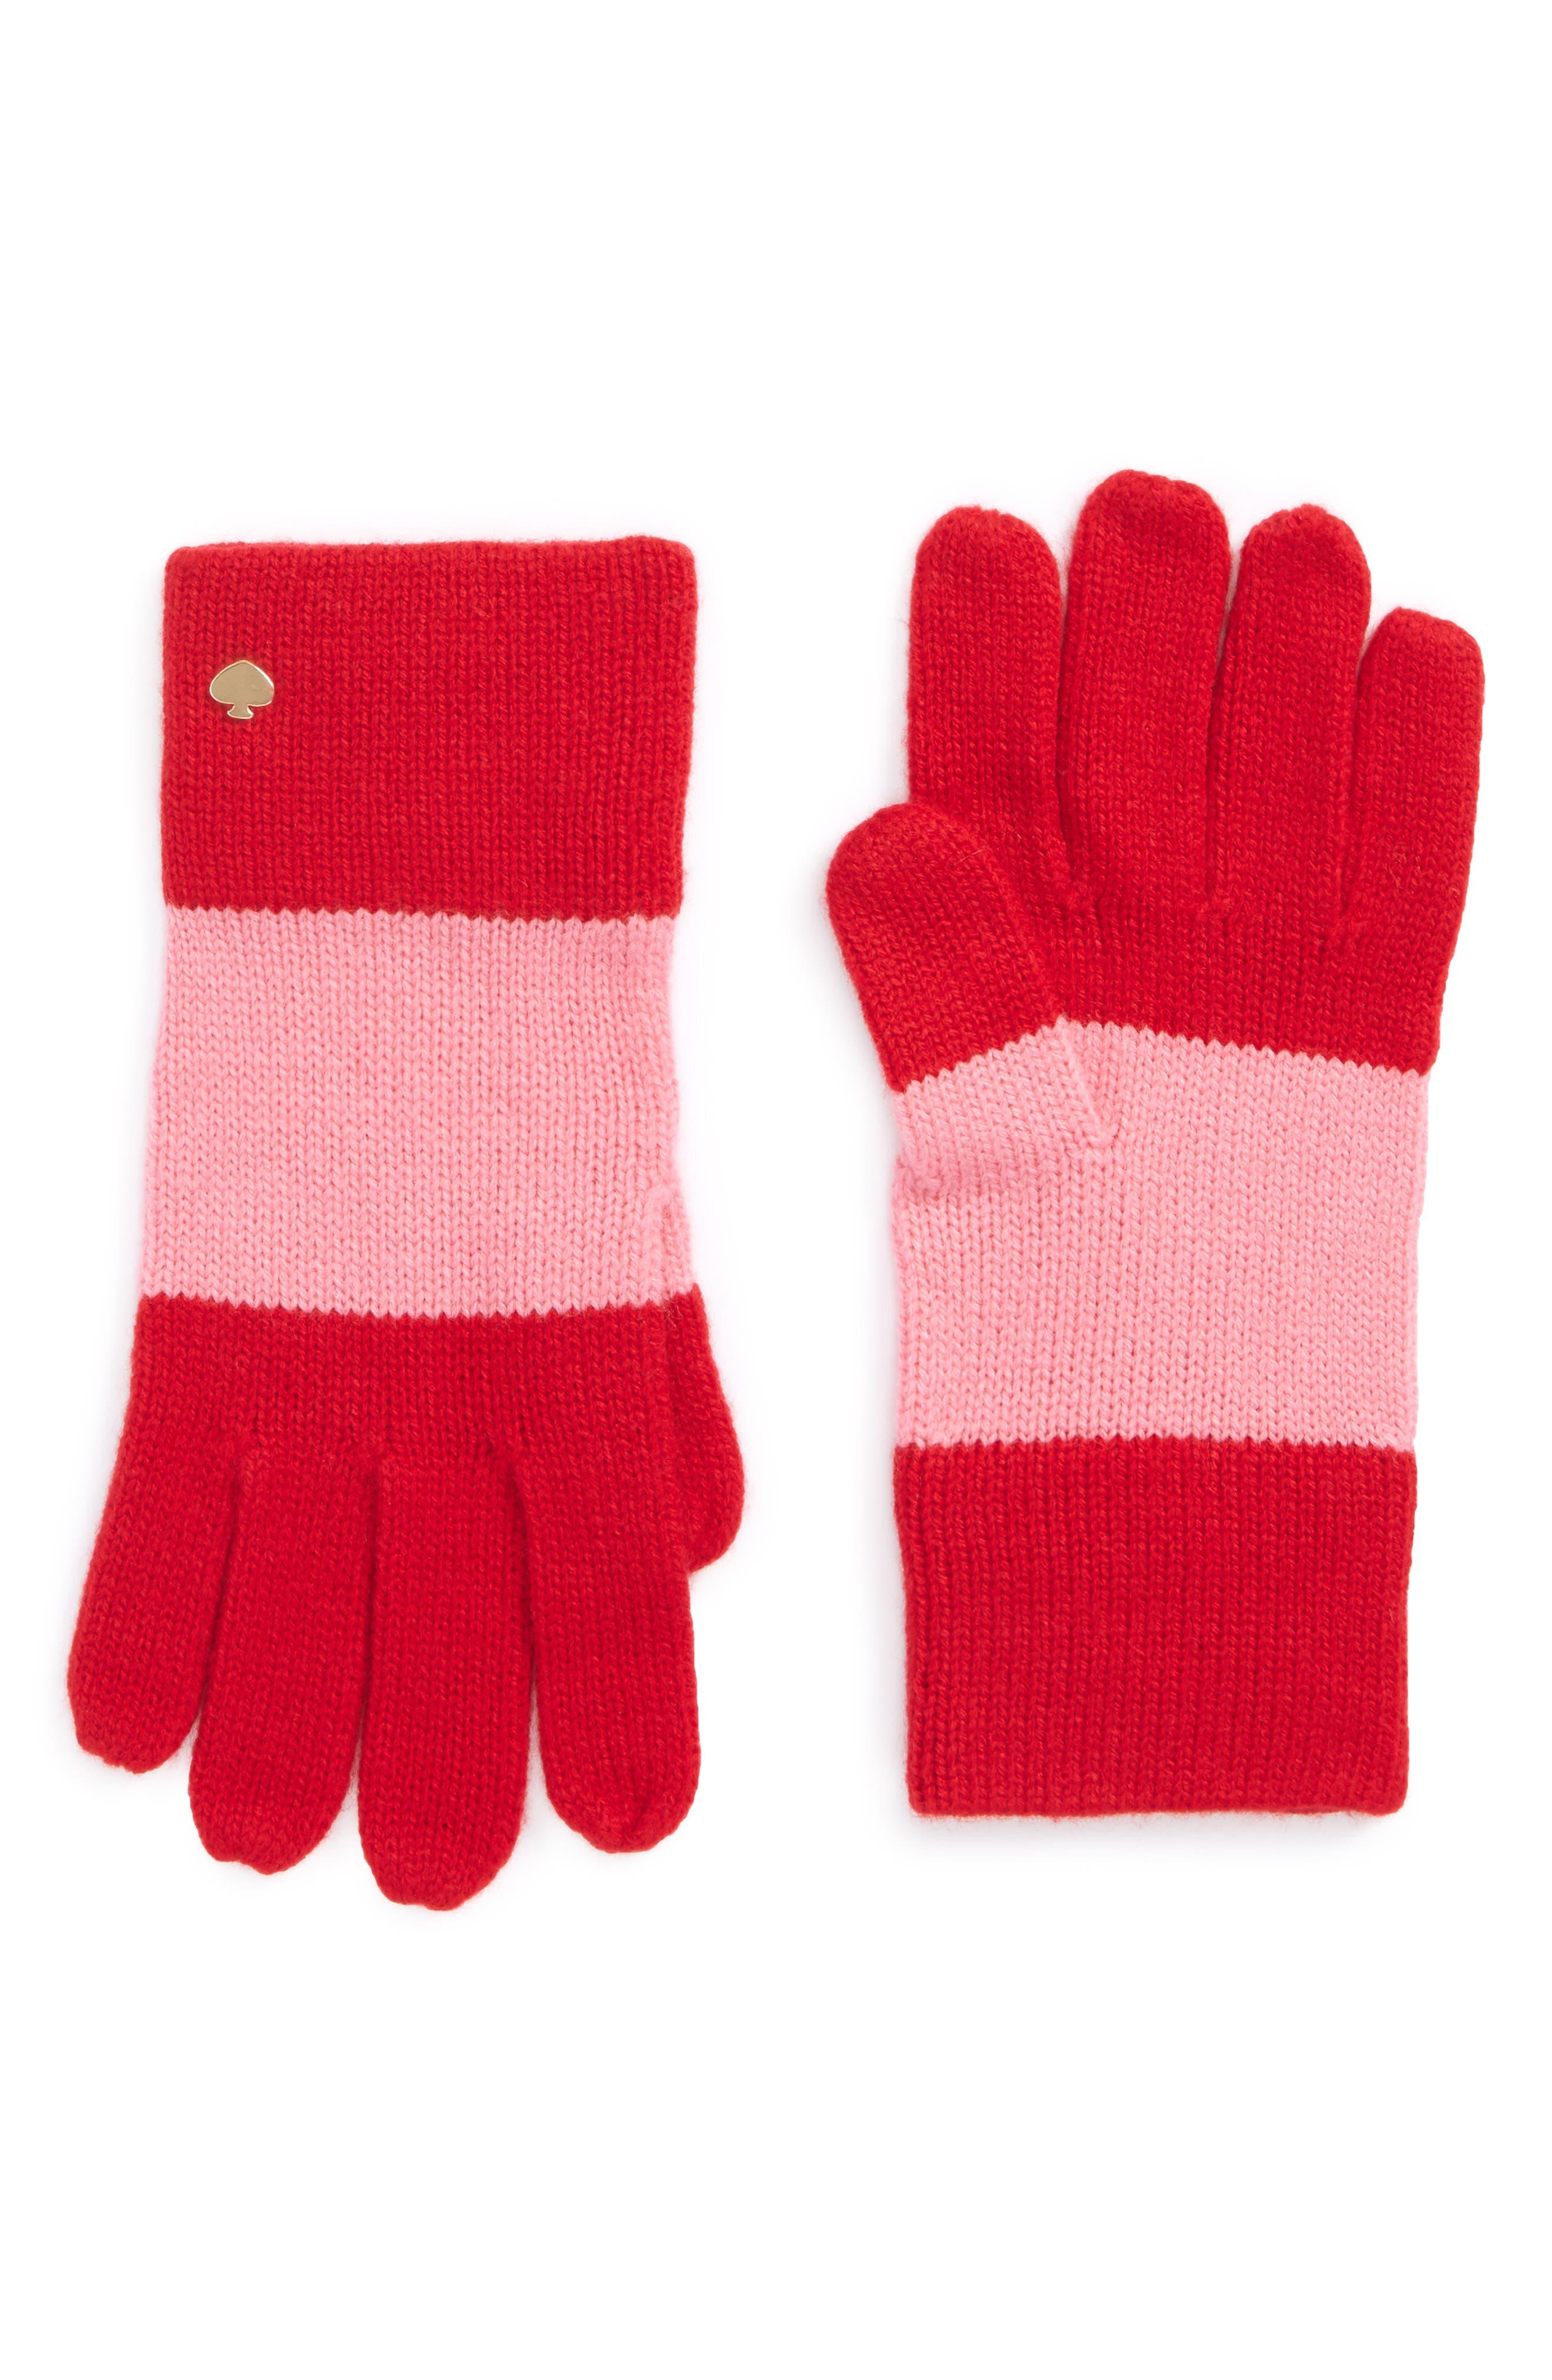 colorblock knit gloves,                             Main thumbnail 1, color,                             Fleur De Lis/Charm Red